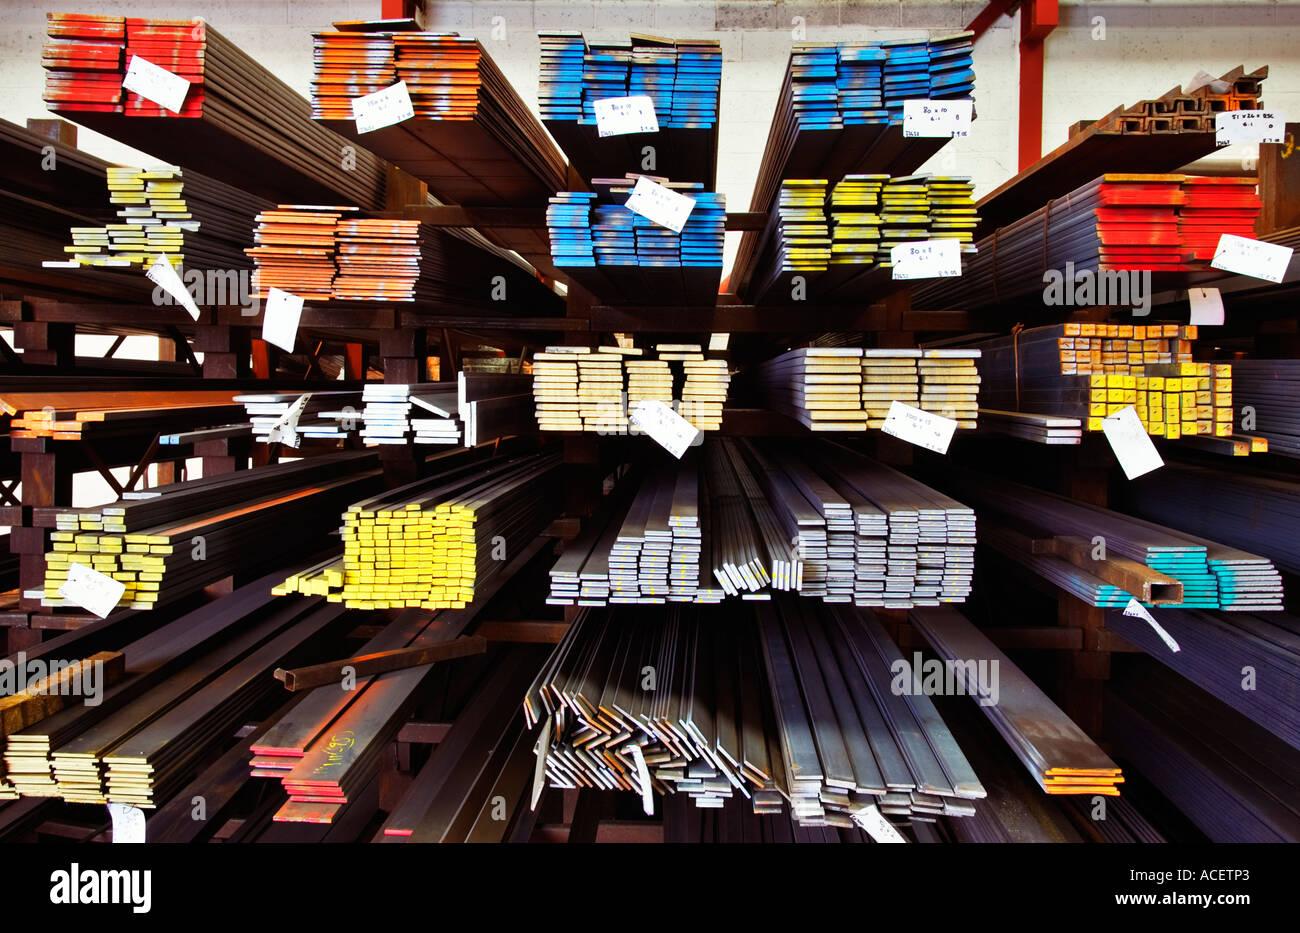 Industrie, UK - Stahl-Balken auf einem Gestell in einem Fertigungsunternehmen, UK Stockbild